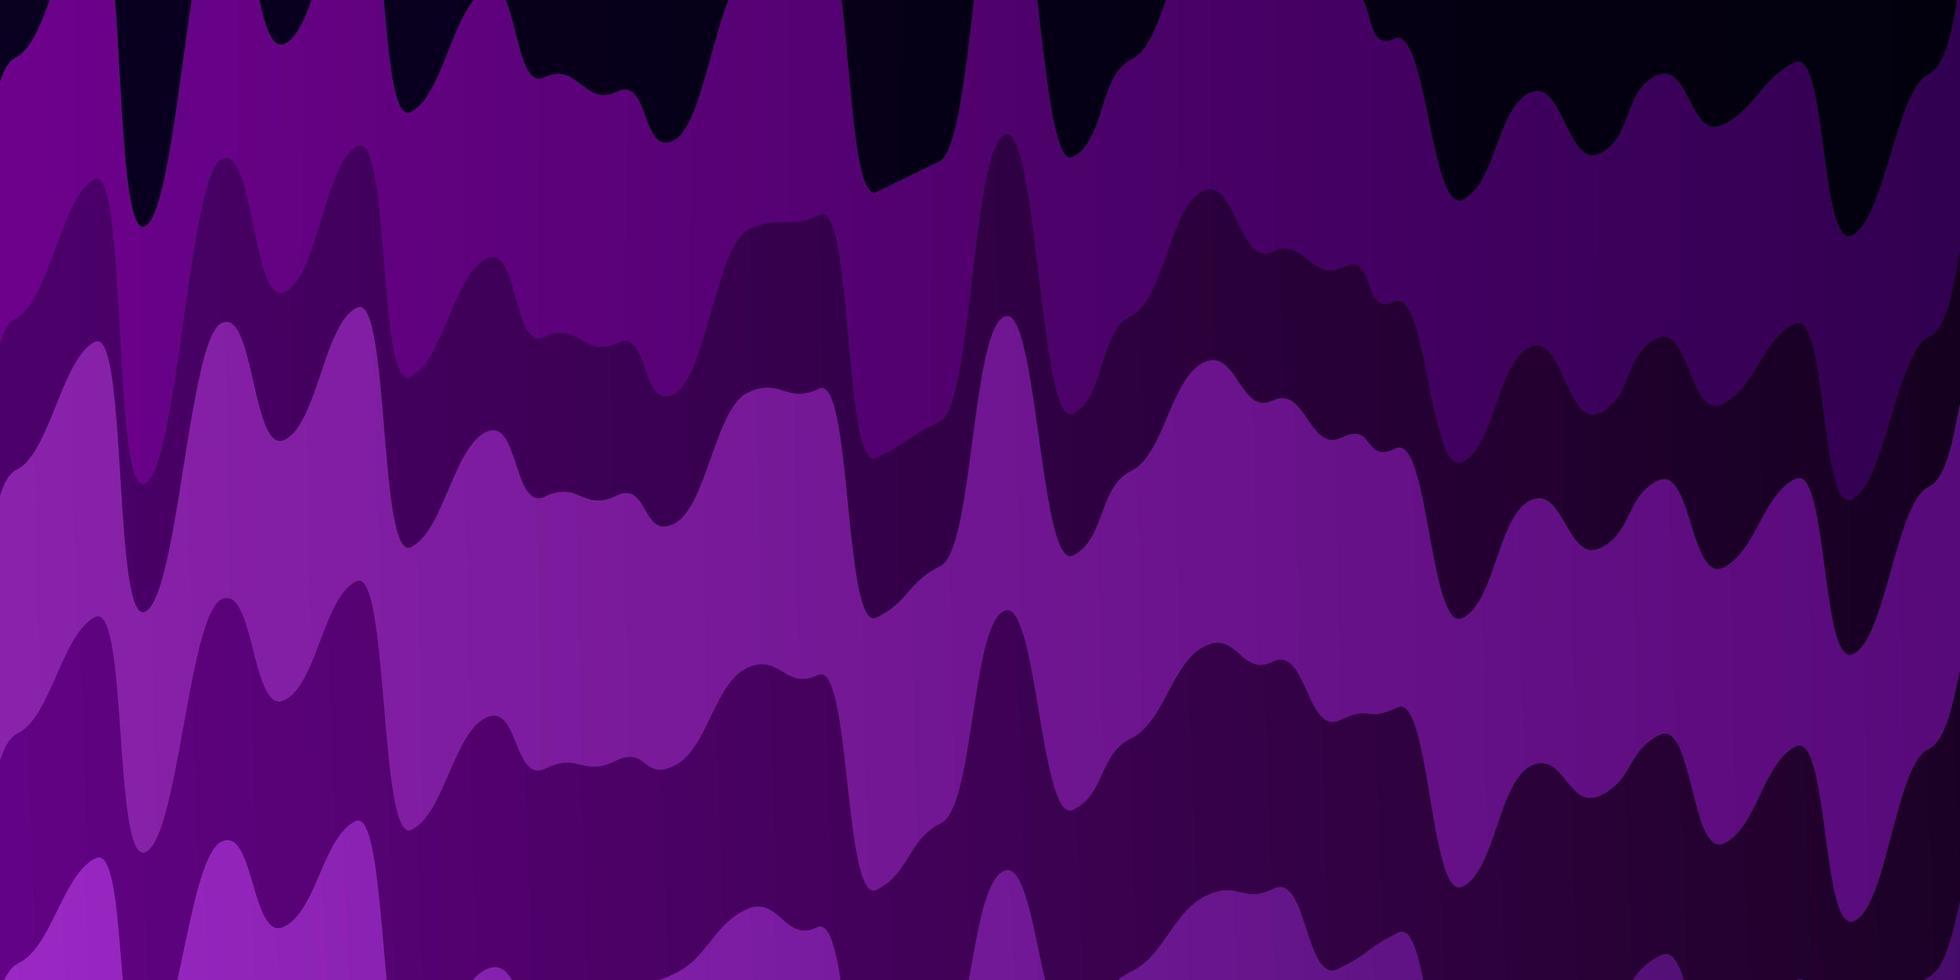 sfondo vettoriale viola scuro con linee.